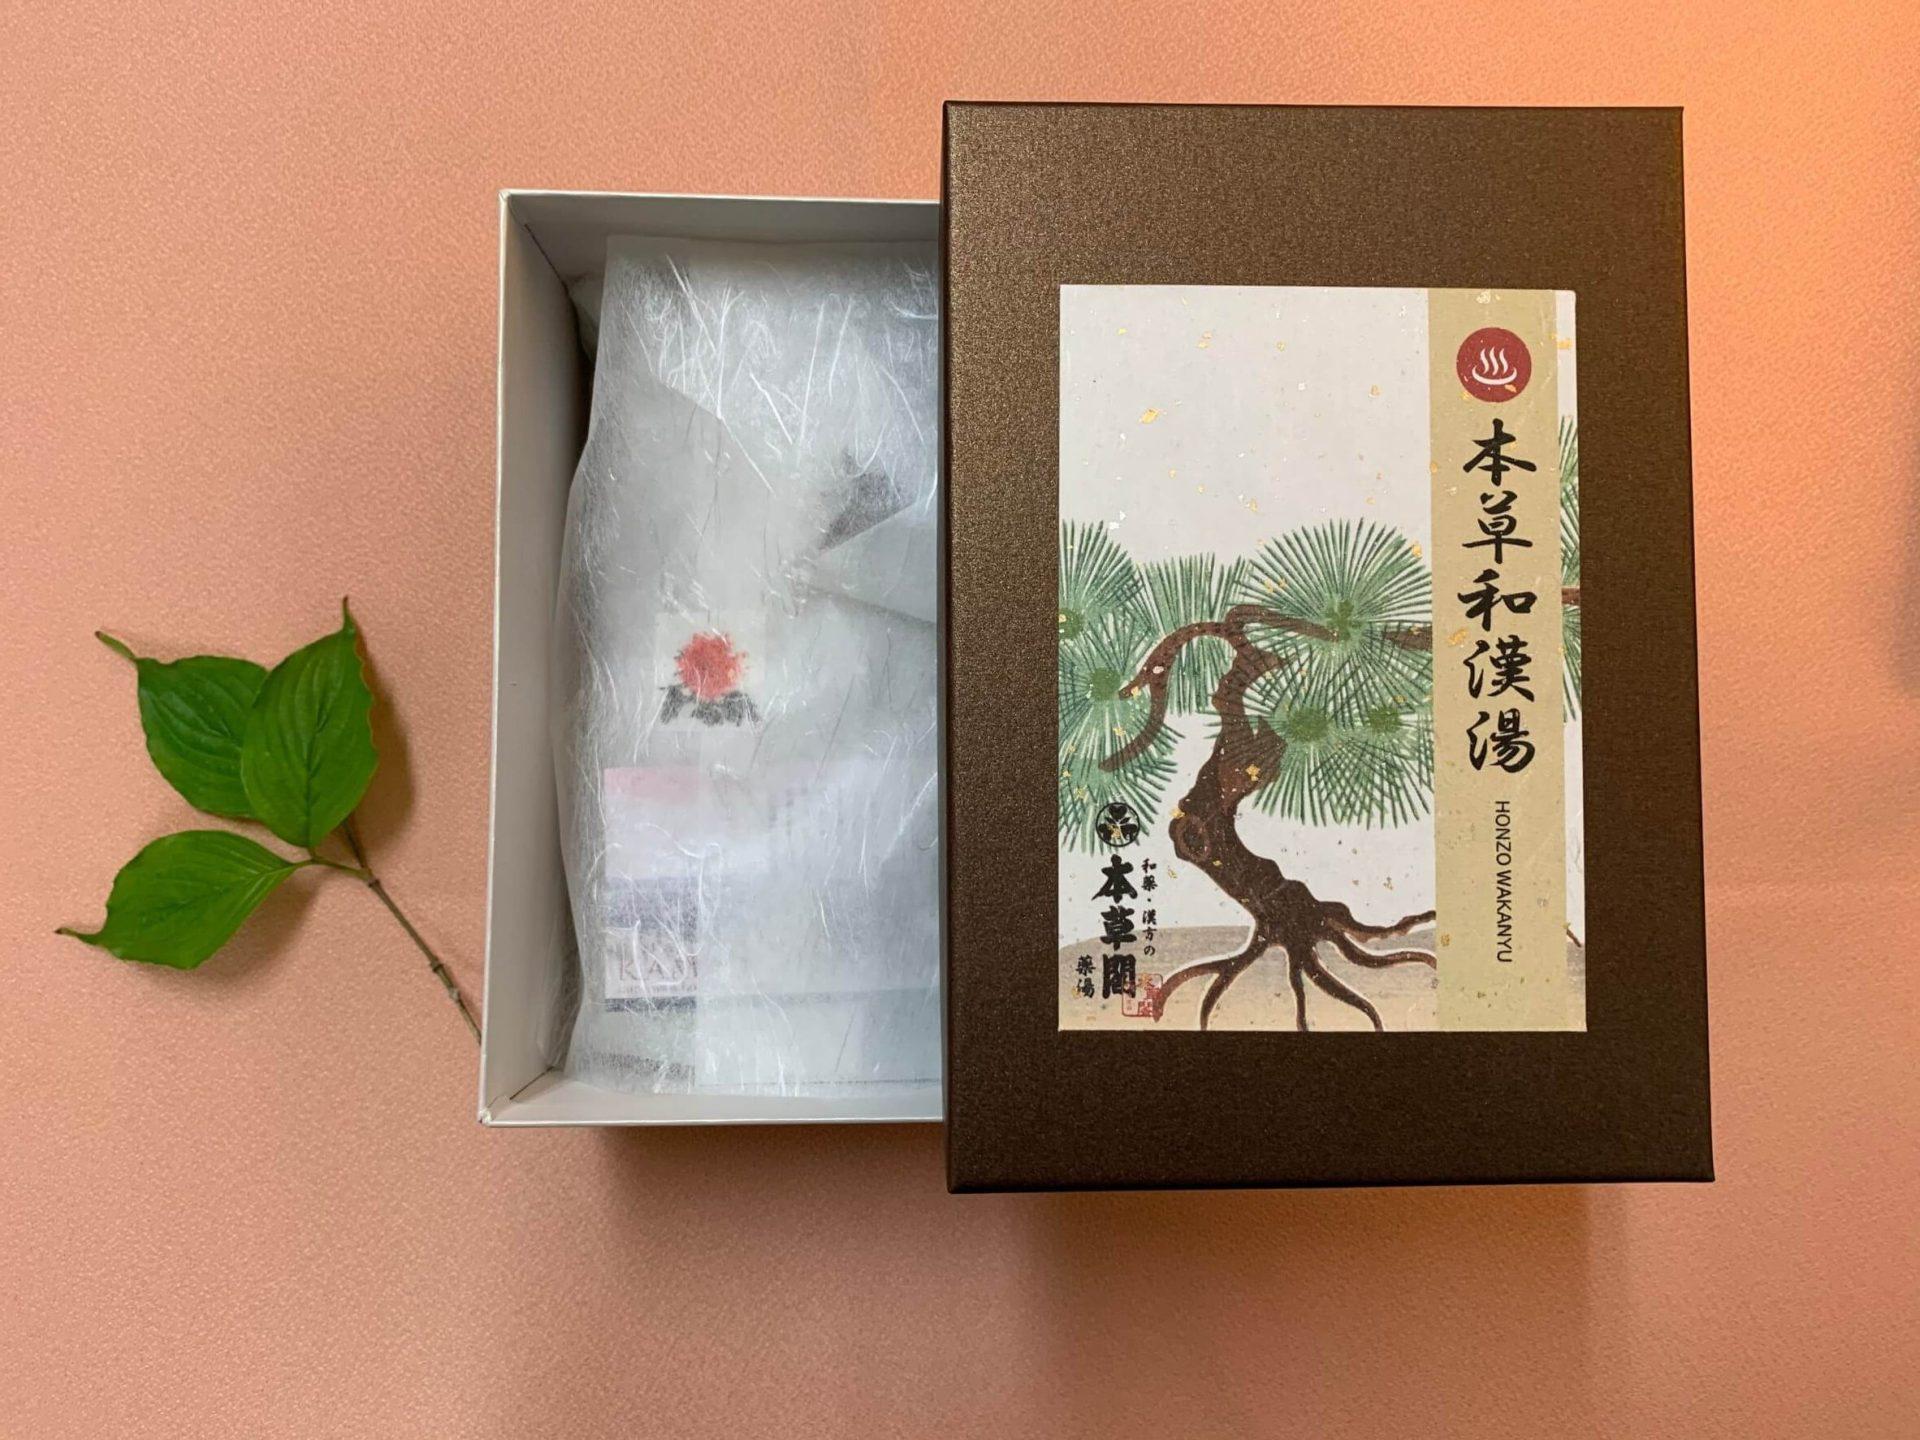 本草閣 薬湯 ギフト用(50g×3袋)×2箱入 「本草和漢湯」と「美人の湯」